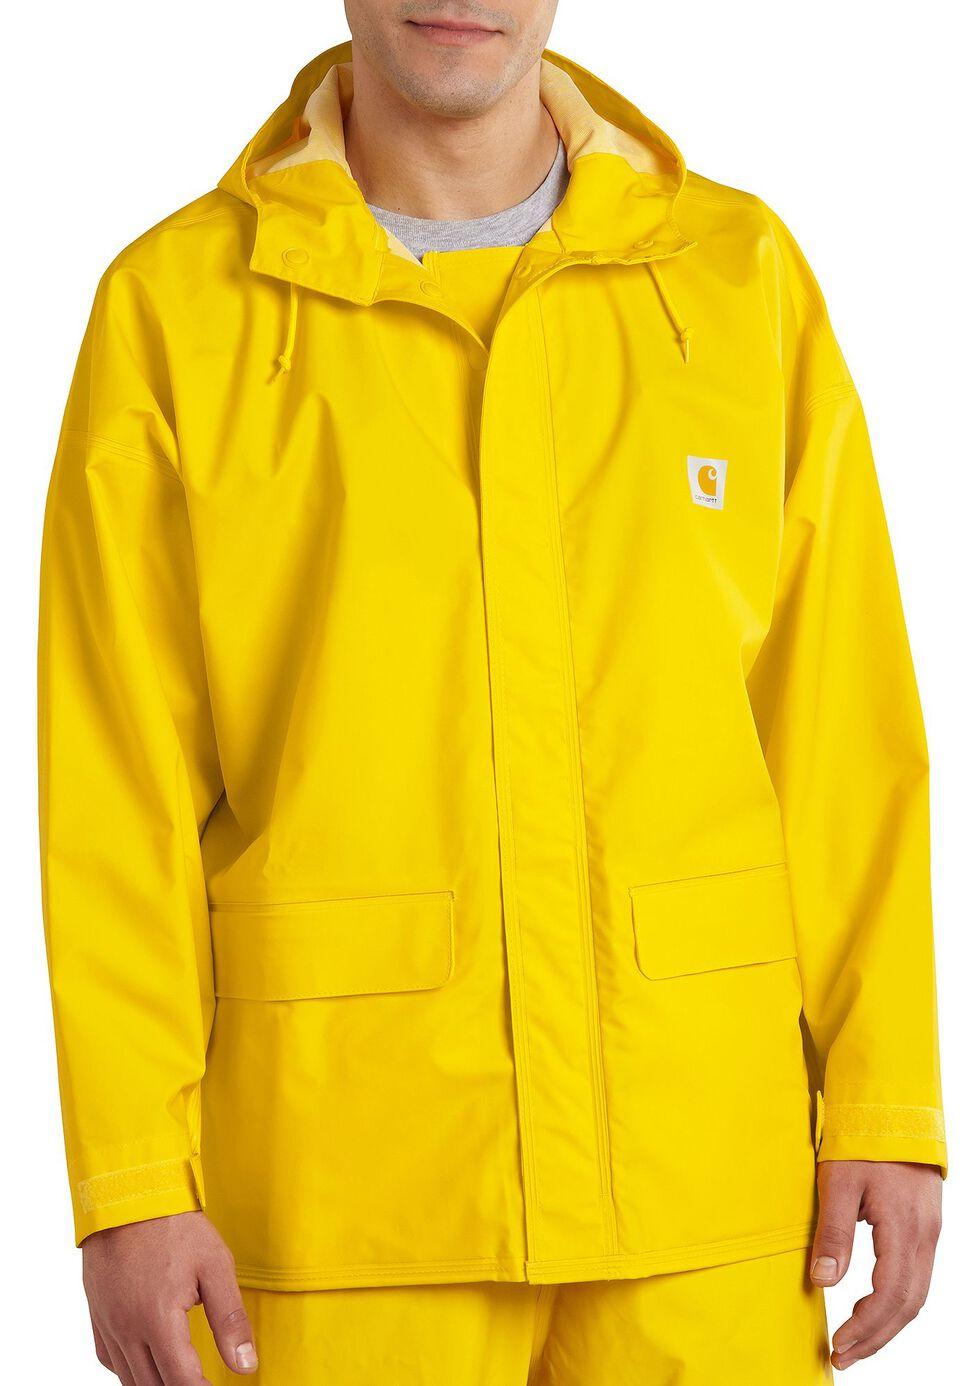 Carhartt Mayne Waterproof Coat - Big & Tall, Yellow, hi-res